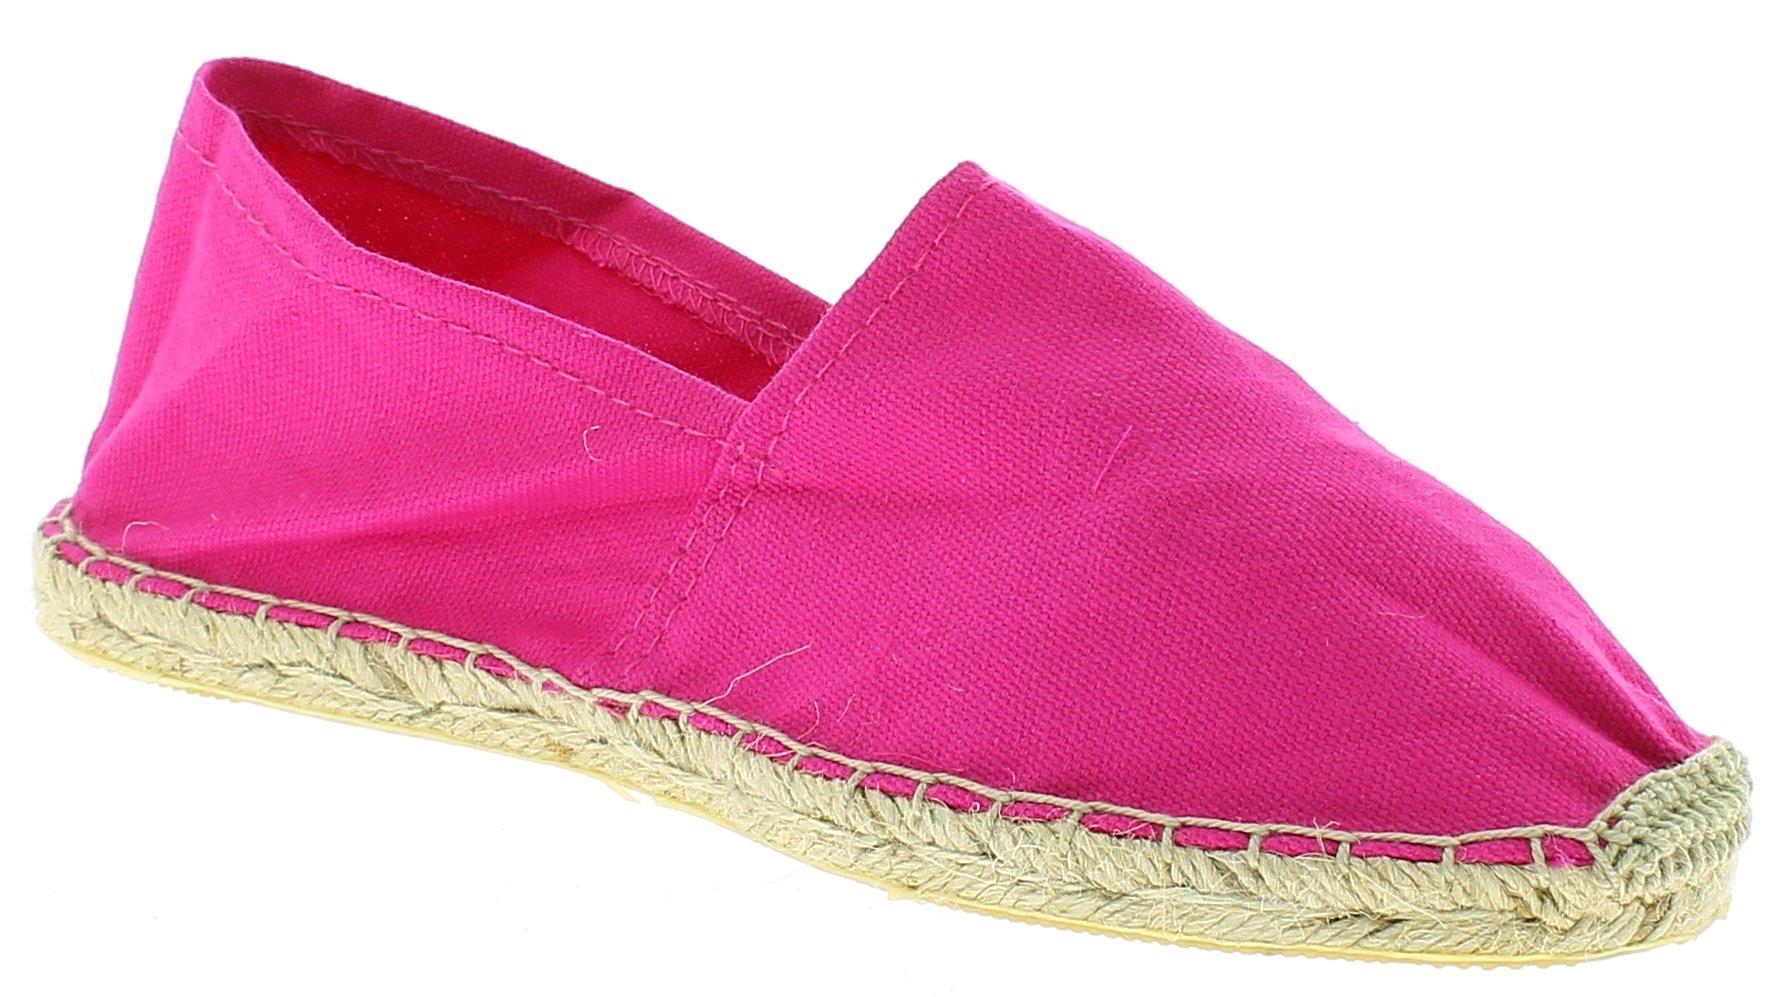 MADIGAN Γυναικεία Casual ESPAGNA Φούξια - IqShoes - ESPAGNA FUXIA-fuxia-36/1/60/ προϊόντα παπούτσια